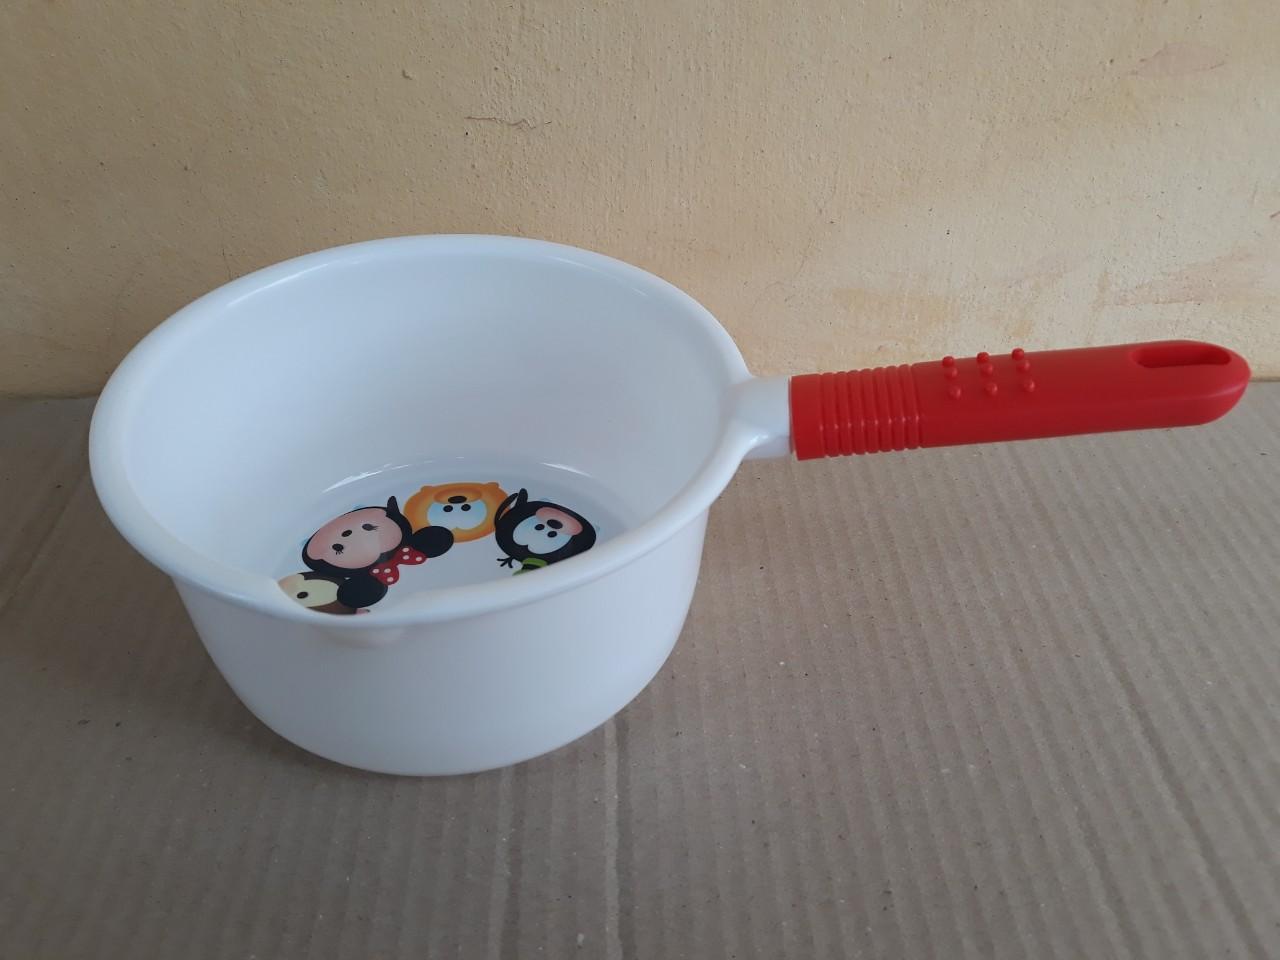 Ca múc nước có cán - hello kitty (18x9cm), mã số: TT-5701